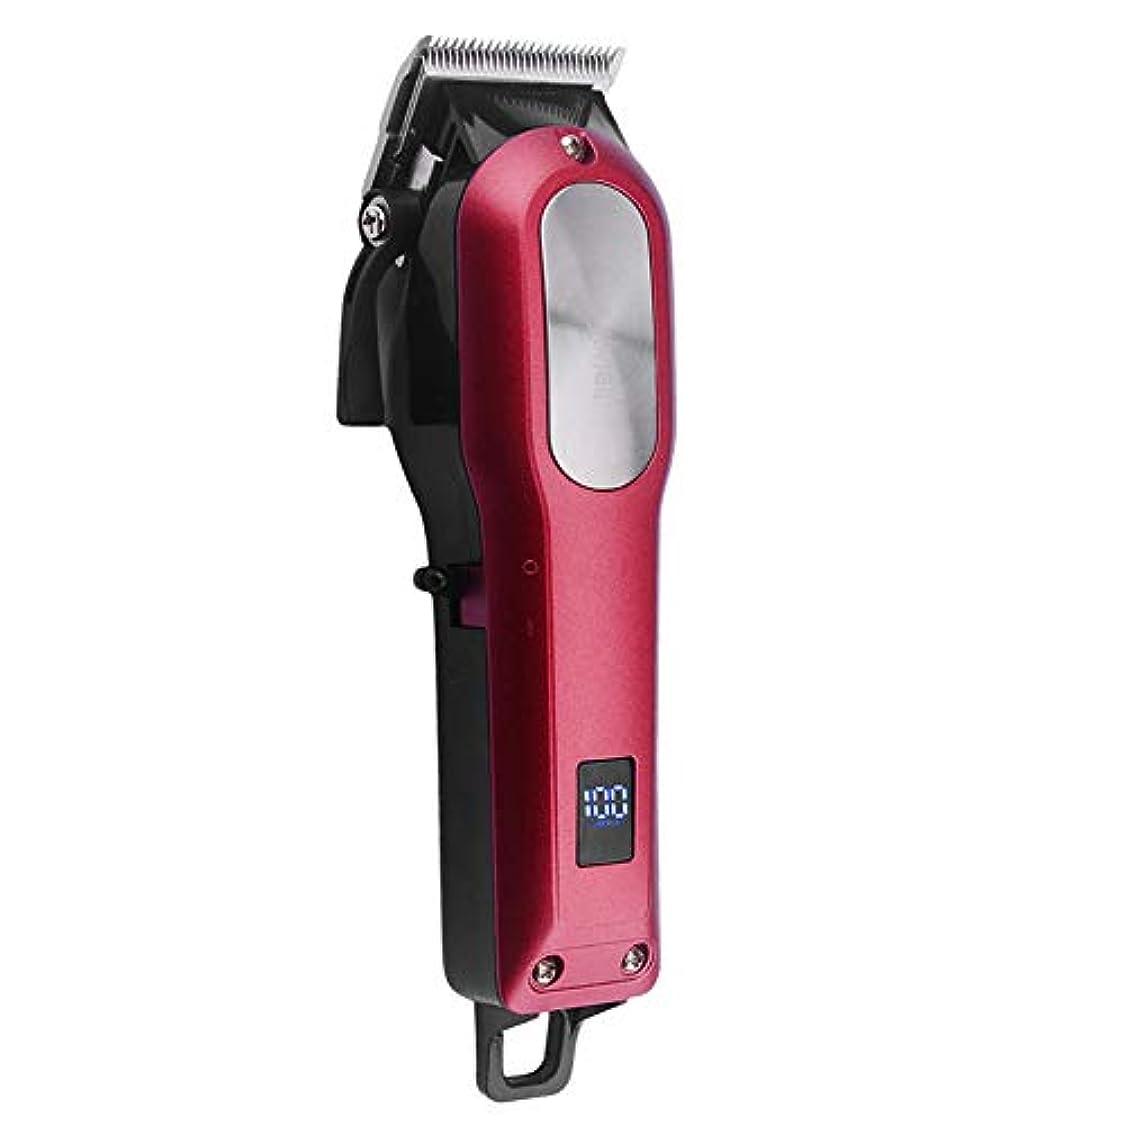 クスコ粘性の大惨事COSYONALL 電動バリカン 充電式ヘアカッター レバー式バリカン プロ 0.8-2mm刈り高さ調整可能 LEDディスプレイ 4時間連続使用 ヒゲトリマー ヘアクリッパー コードレス 低騒音 切れ味抜群 散髪 セット